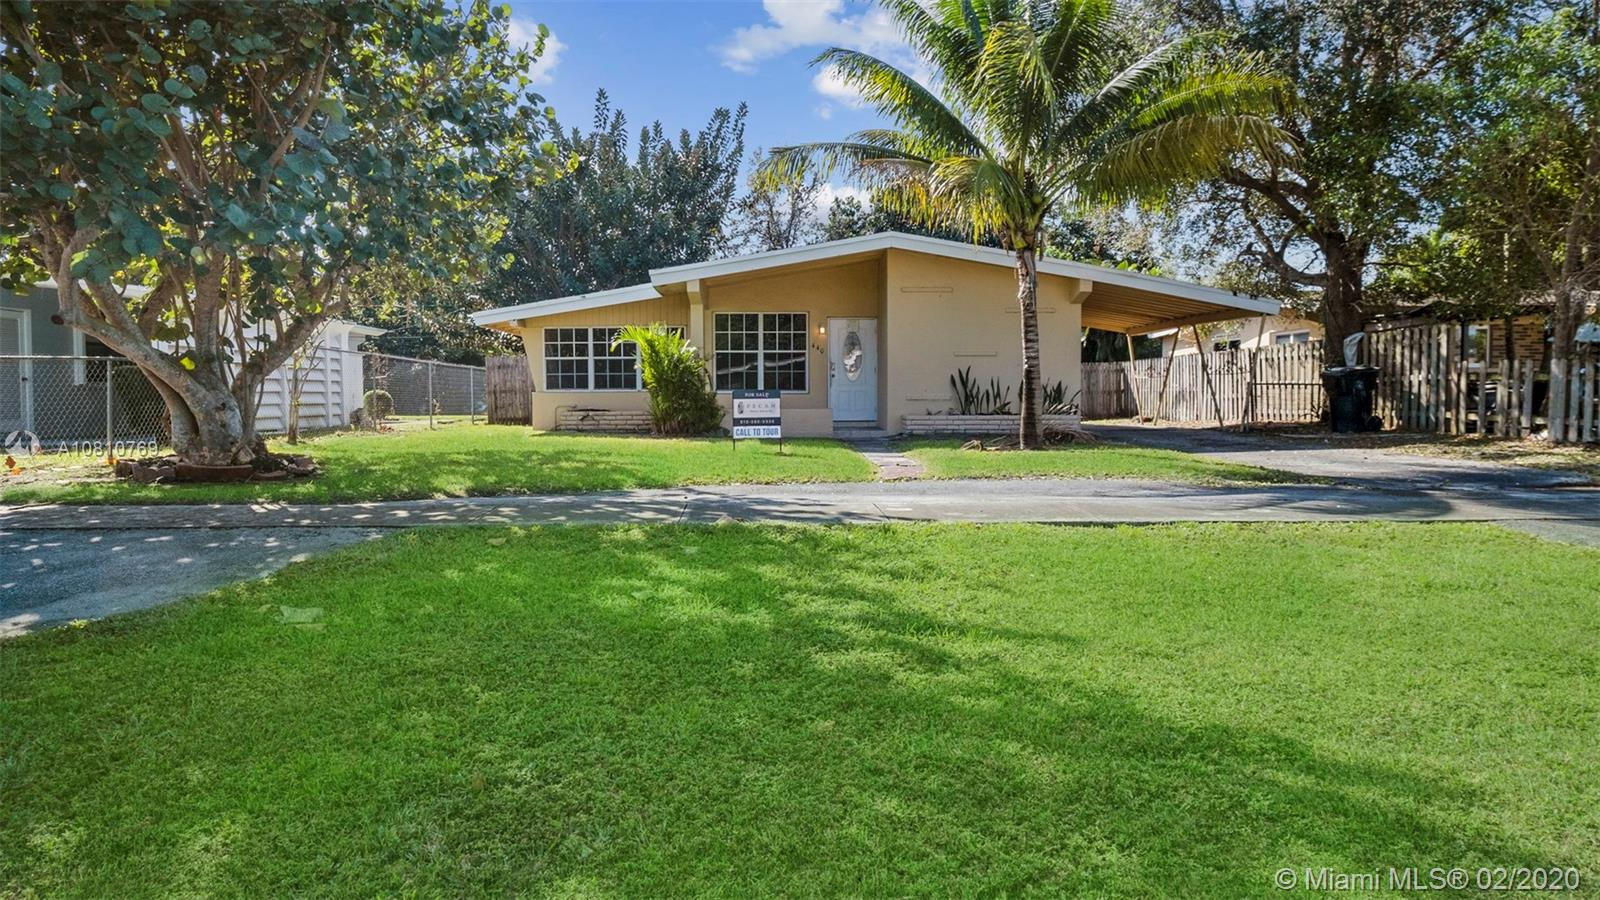 440 NE 175th St, North Miami Beach, FL 33162 - North Miami Beach, FL real estate listing